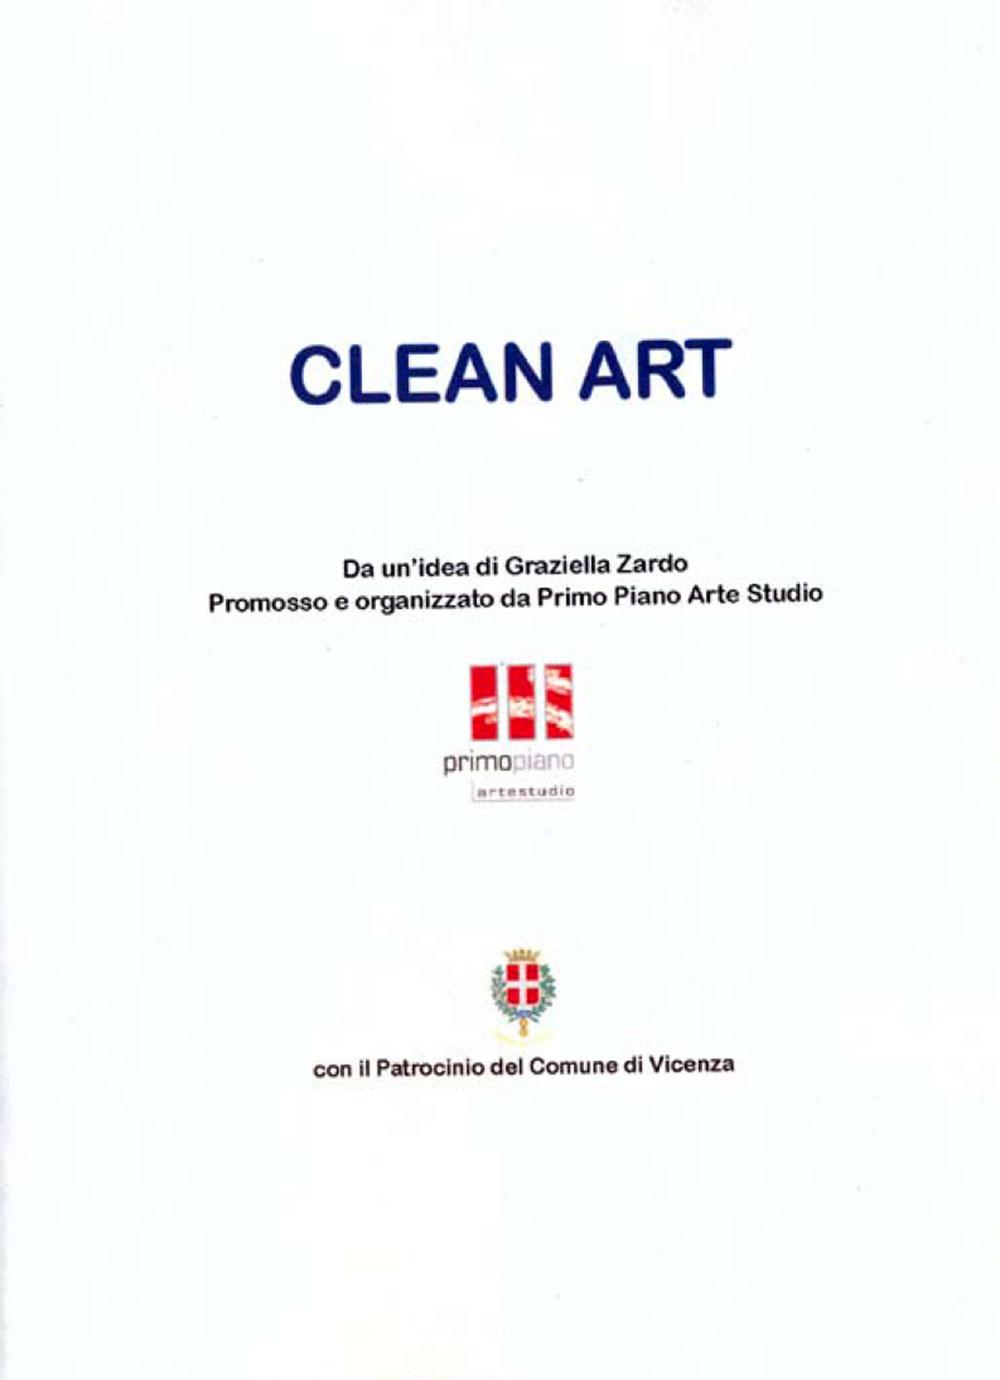 CLEANART-10-6